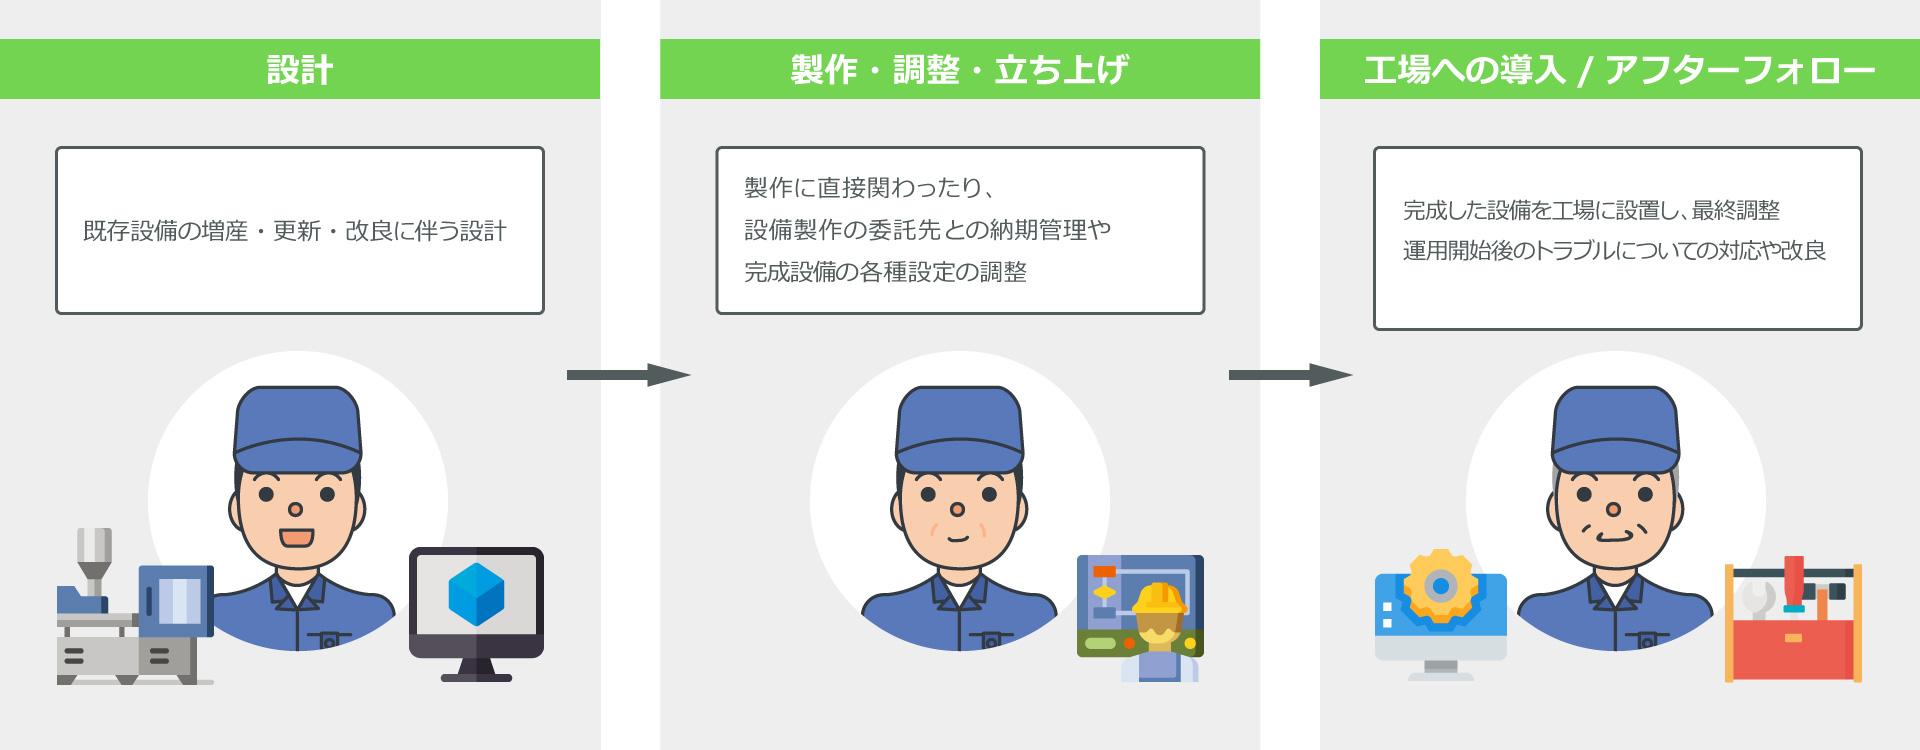 職 生産 研究開発と生産技術職